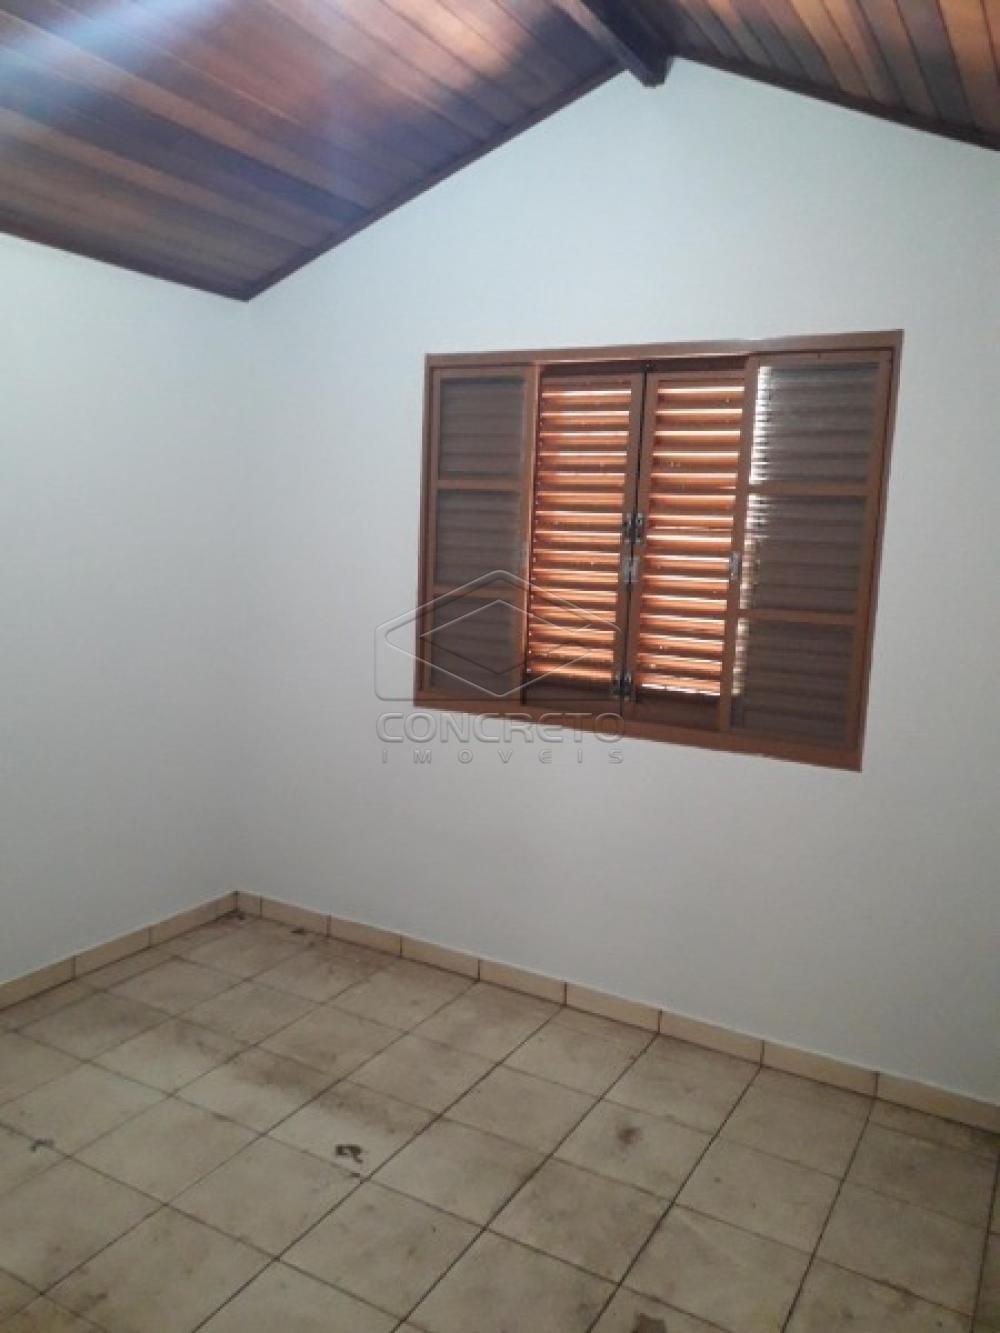 Alugar Casa / Residencia em Botucatu apenas R$ 600,00 - Foto 8